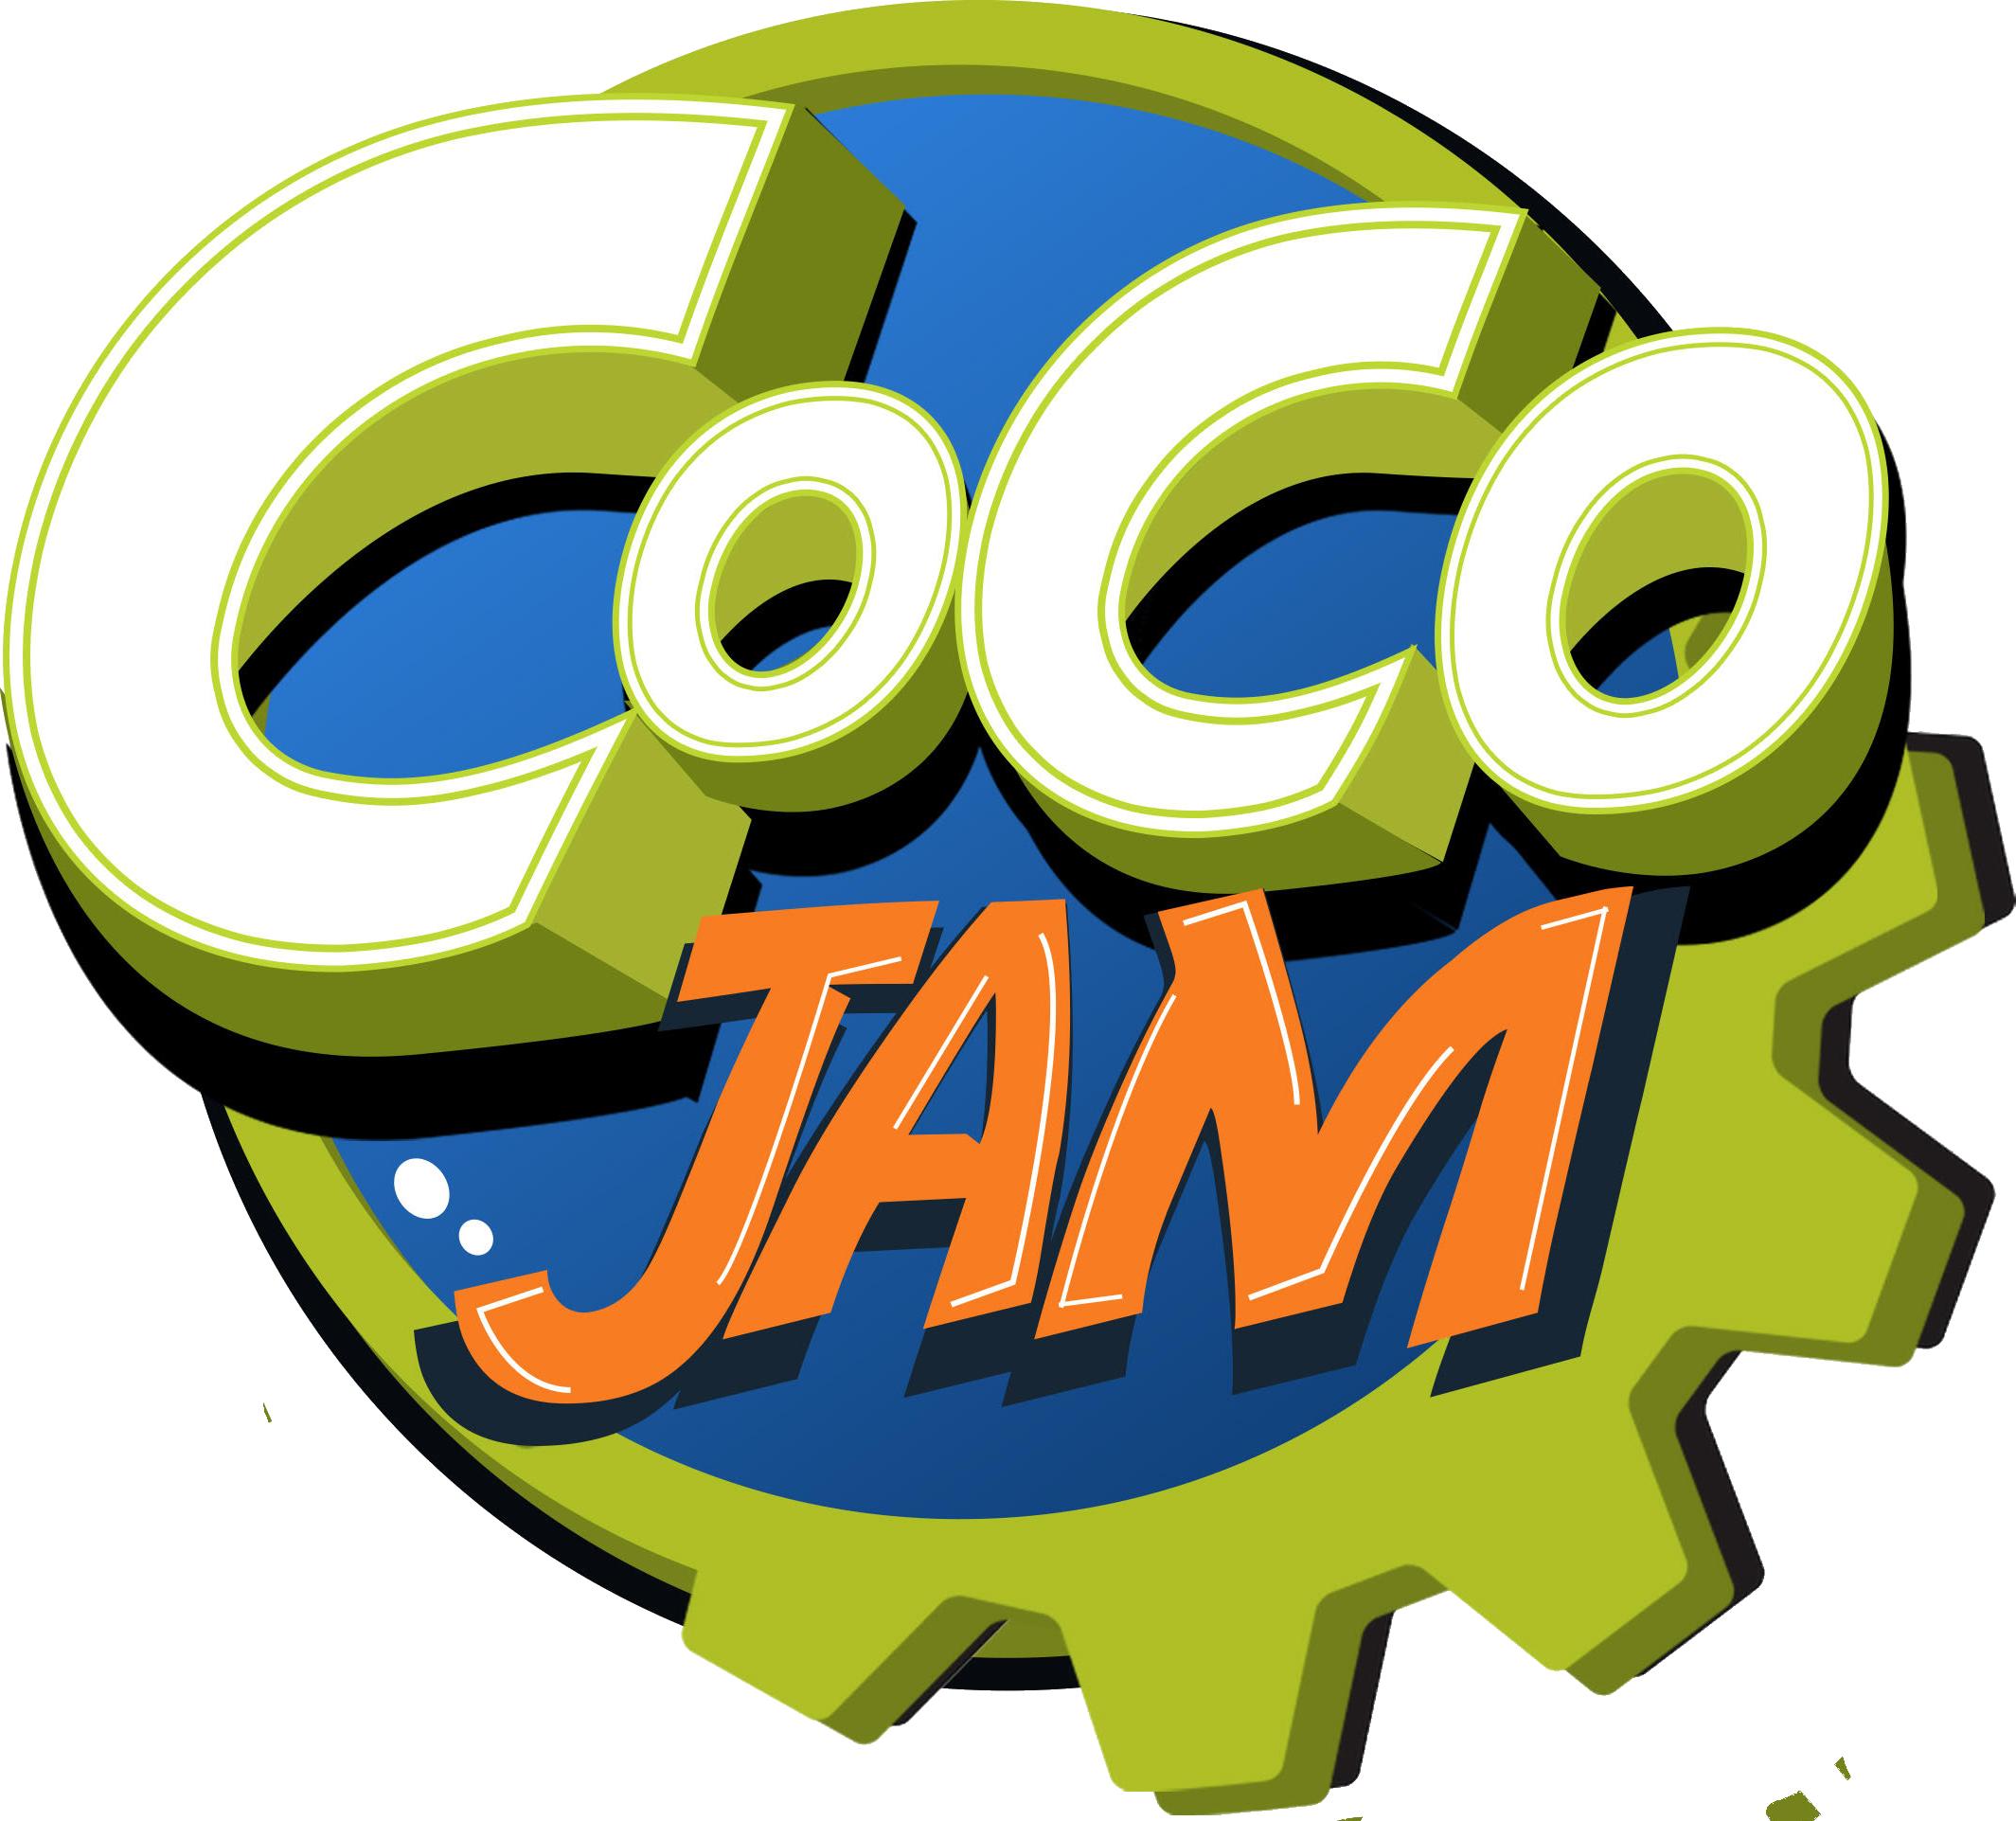 Cocojamjamaica